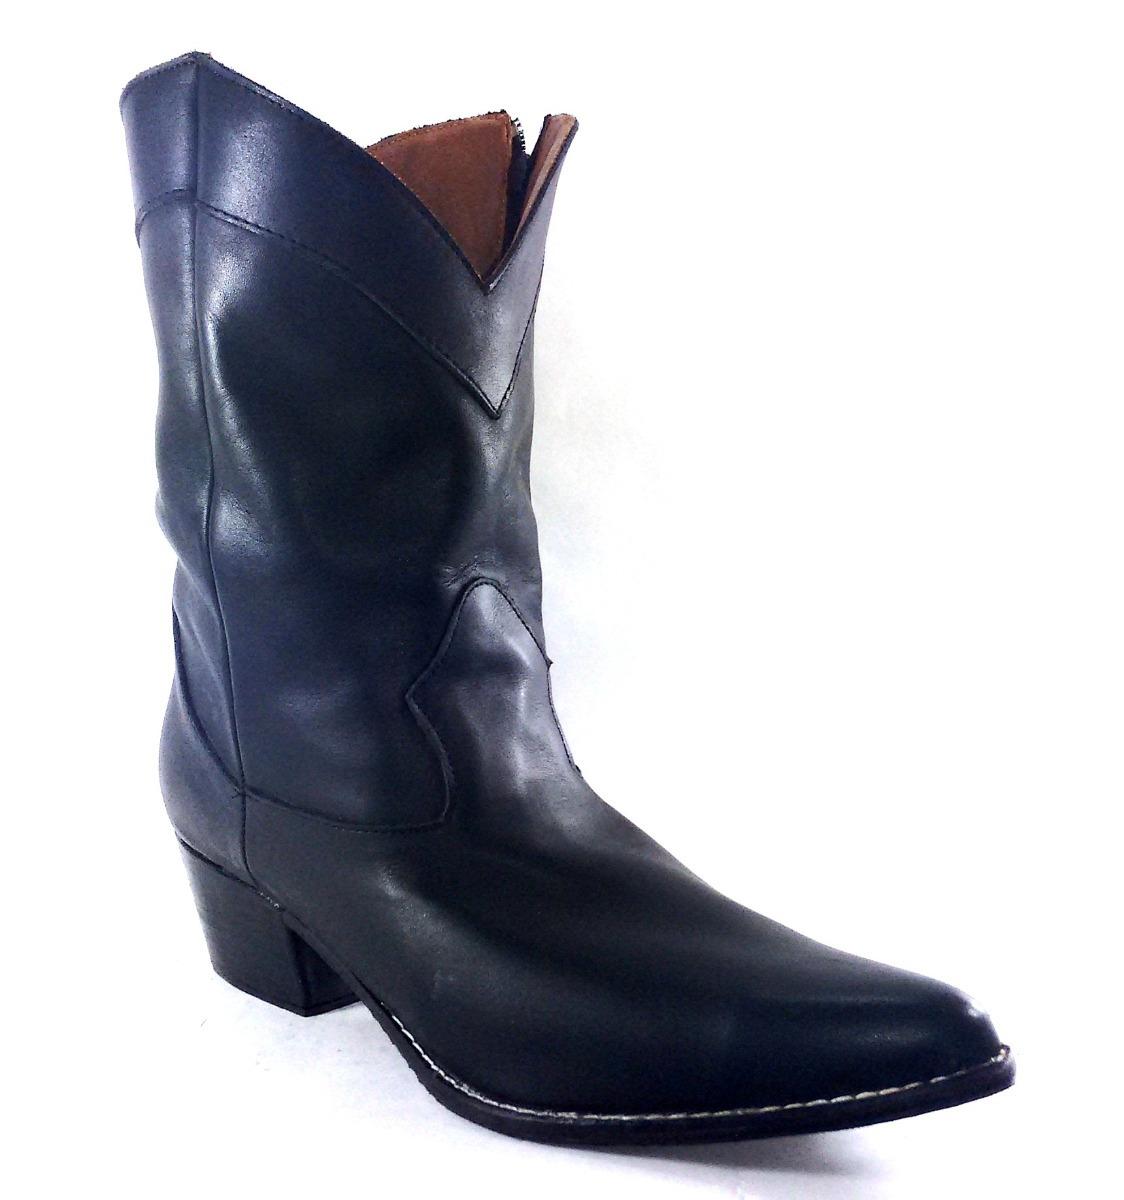 44a087eff sam123 botas cortas talles grandes cuero mujer tex n. Cargando zoom.